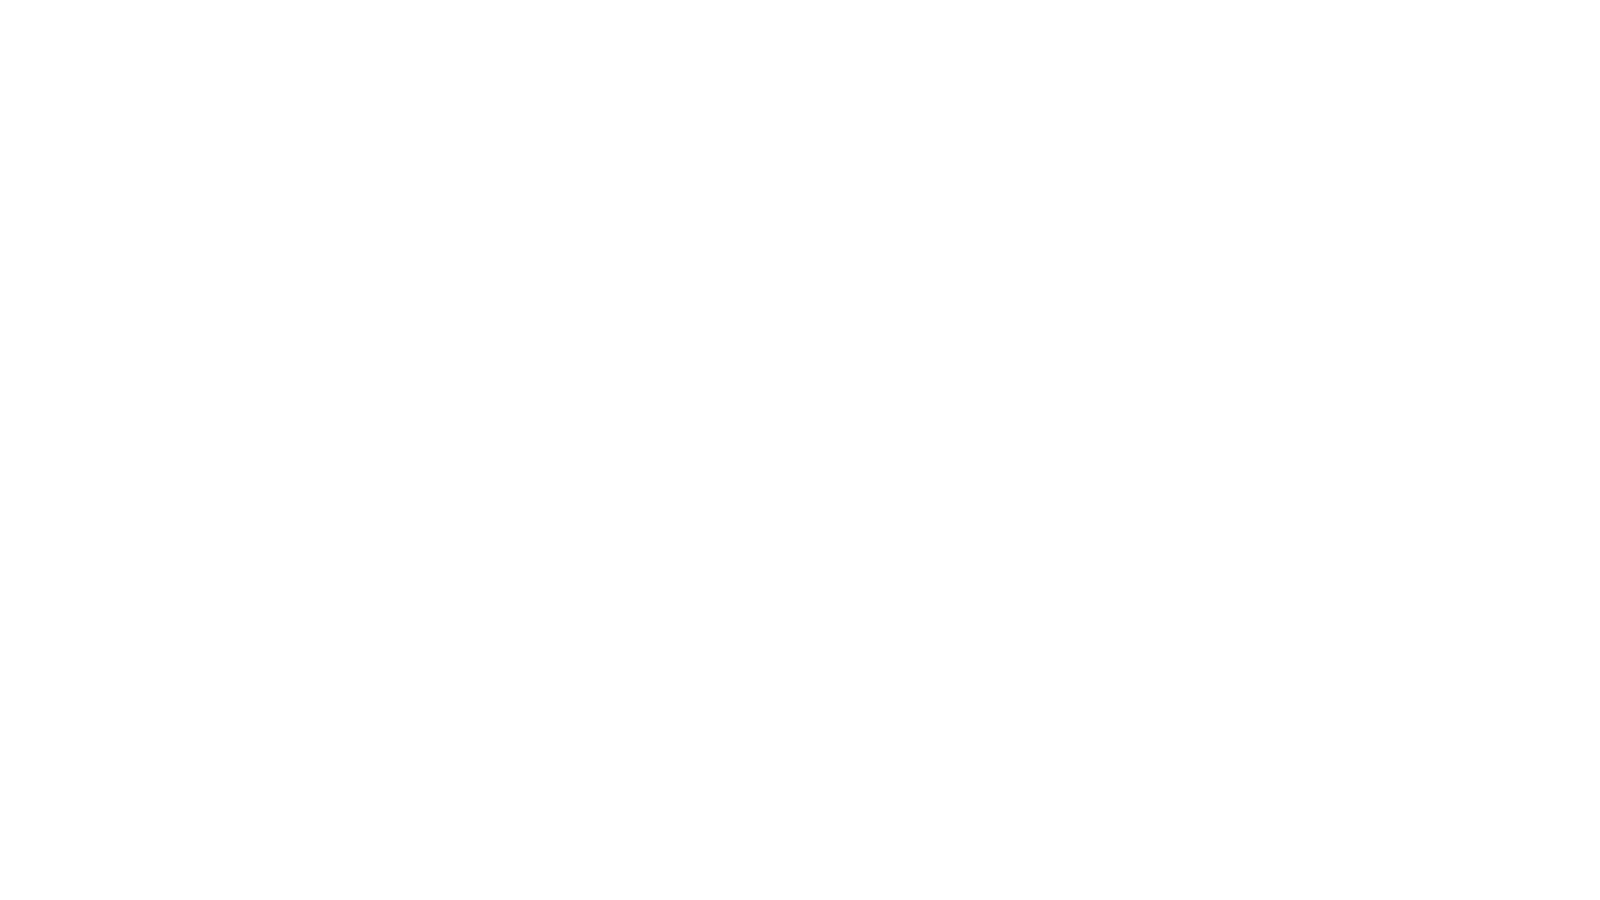 """Estrenem el canal de Blai Garó TV, que forma part del projecte """"Actu@litat Jove"""" sortit del Kosmos.   En aquest primer programa parlem amb tres joves de Montornès sobre lectura: - L'Andrea Beltrán, influencer d'un compte d'instagram sobre llibres: @thebrunettereader_ - L'Ariadna Sorribes, influencer d'un compte d'instagram sobre llibres: @llibres_ - El Quintin Valiente, bibliotecari de l'Institut Vinyes Velles   Pots seguir a Joventut a les xarxes socials: - Instagram @joventutmontornes - Twitter @jovemontornes - Facebook Joventut Montornès"""